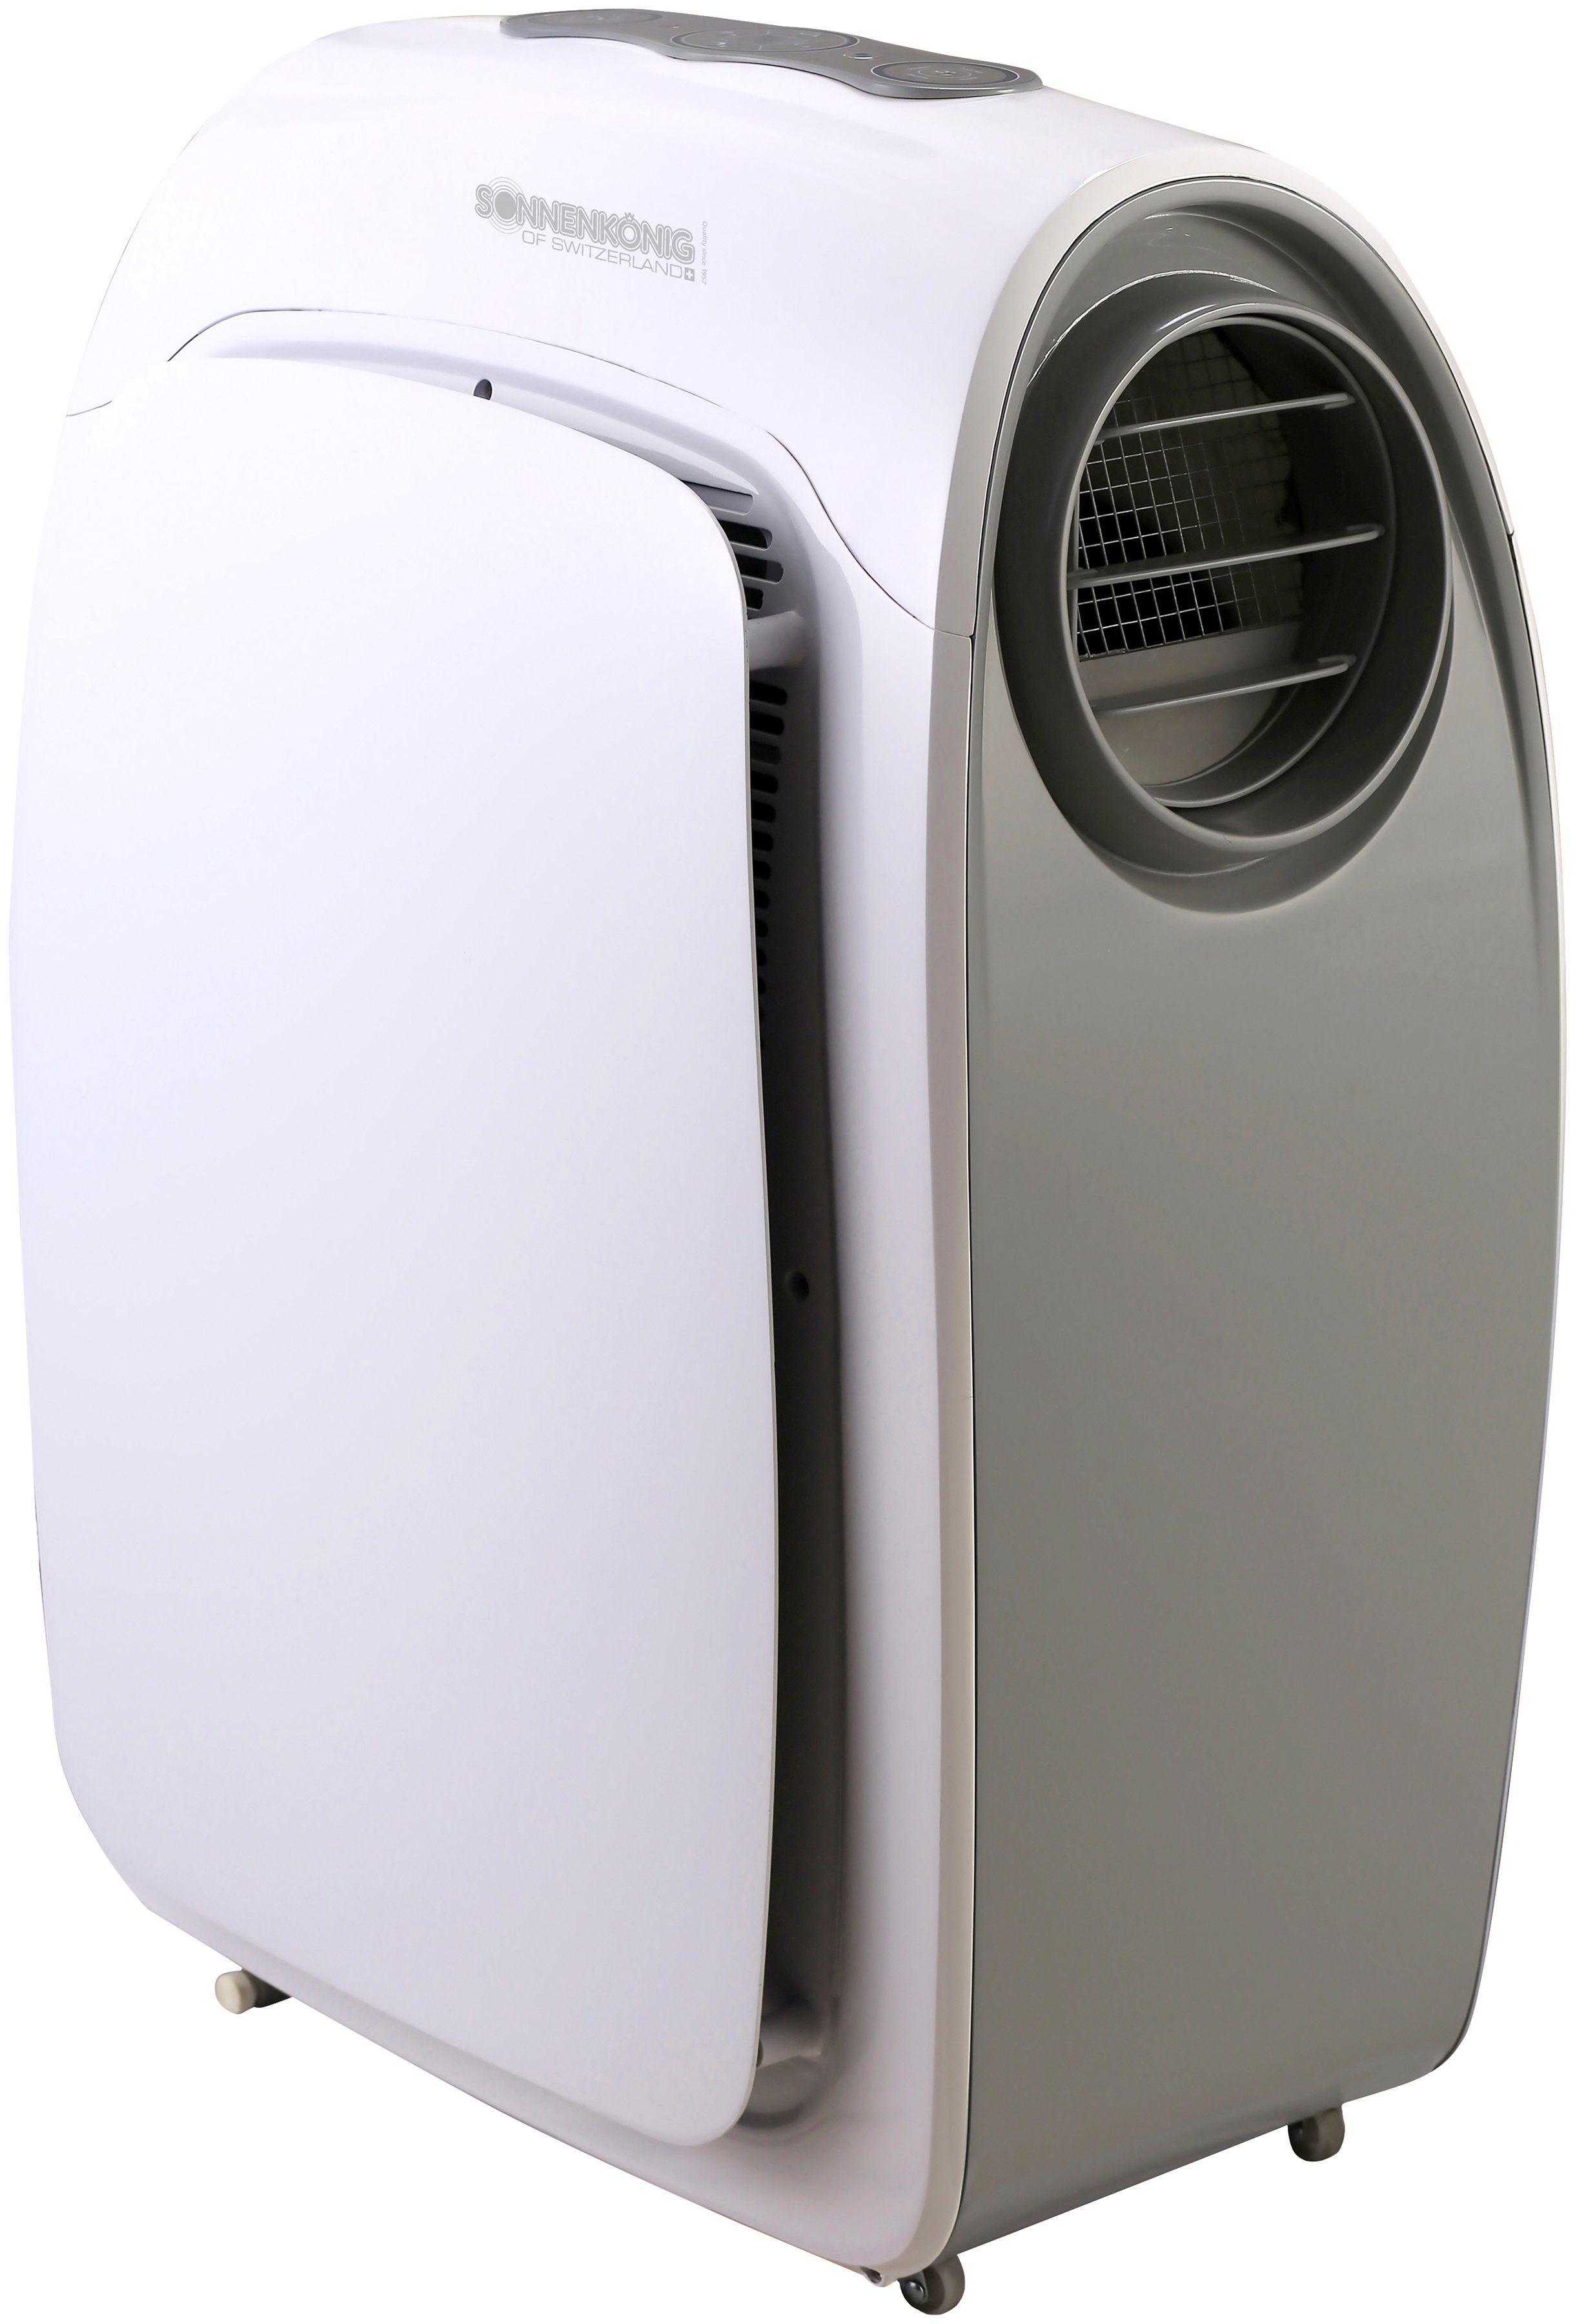 SONNENKÖNIG Mobiles Klimagerät »Fresco 1200«, mit Fernbedienung